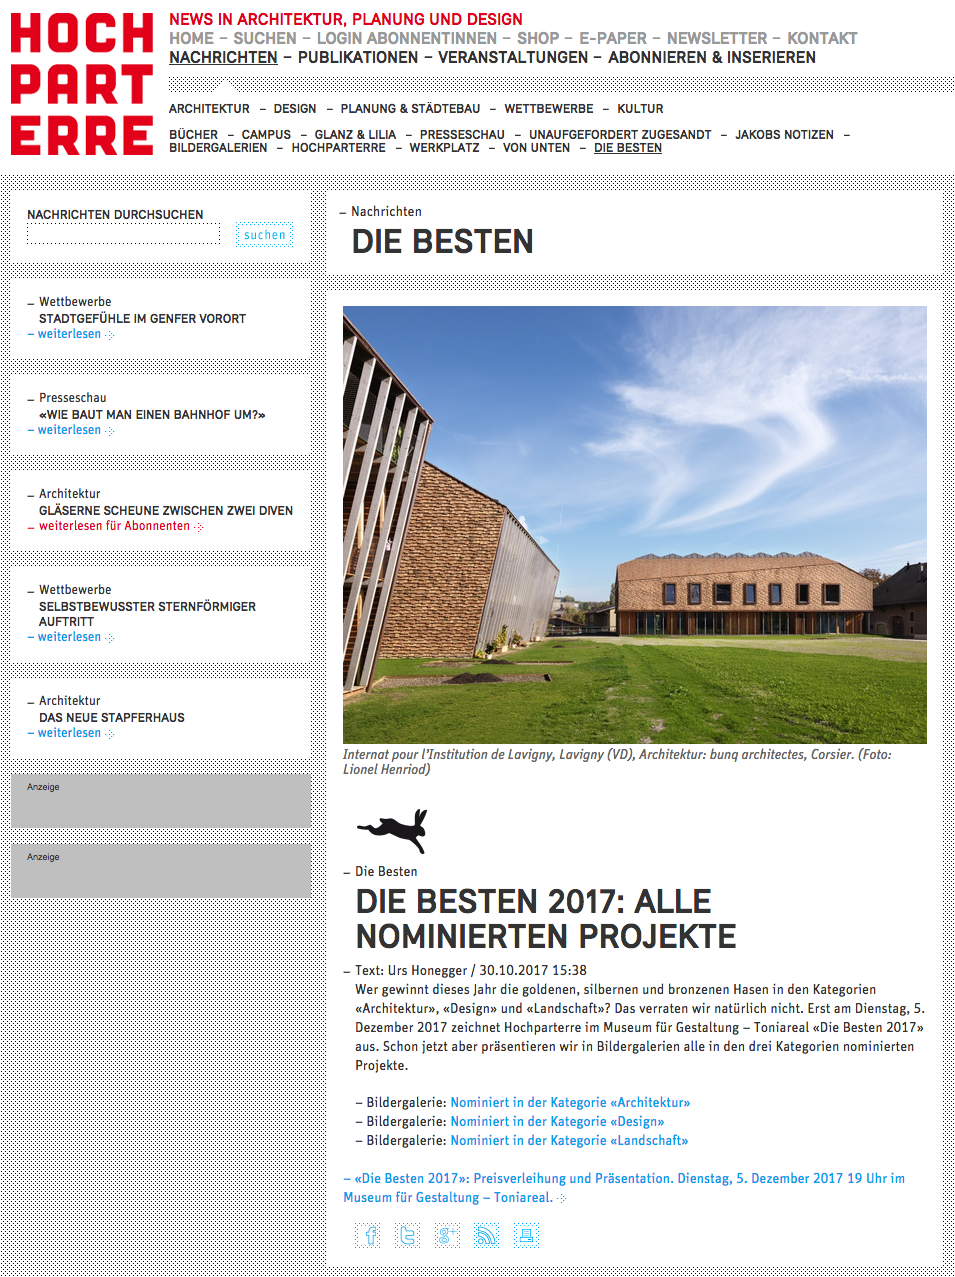 Hochparterre Goldhasen 2017 – finaliste